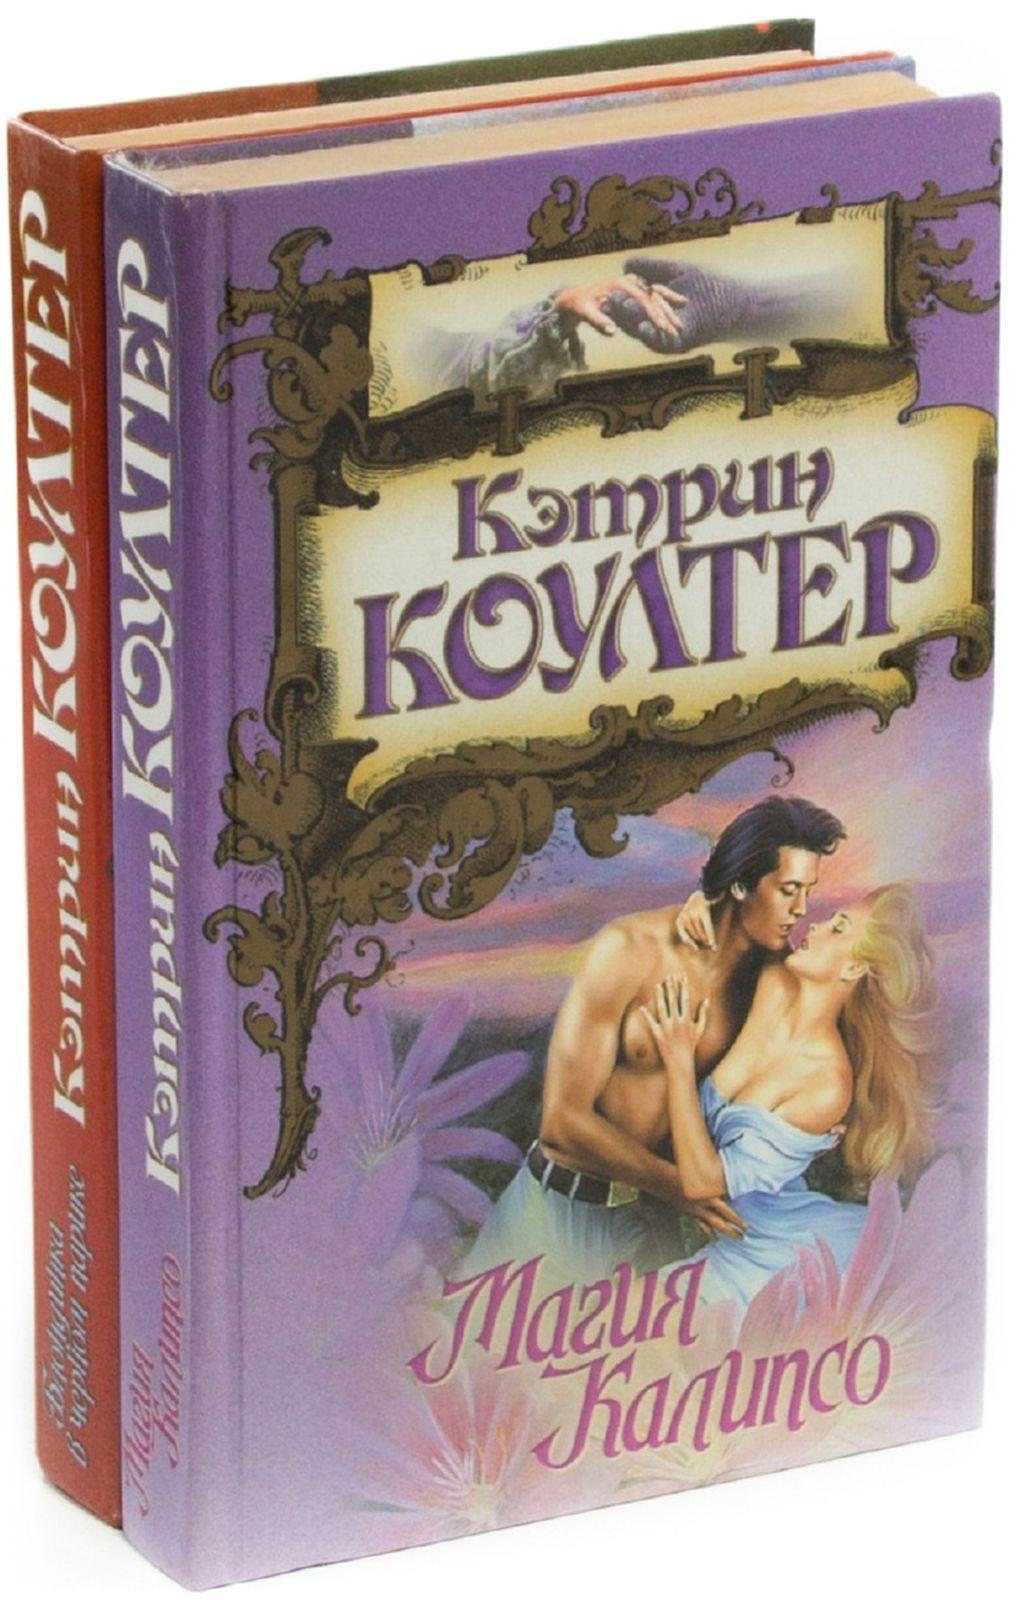 Кэтрин Коултер Кэтрин Коултер (комплект из 2 книг) кэтрин коултер загадочная наследница